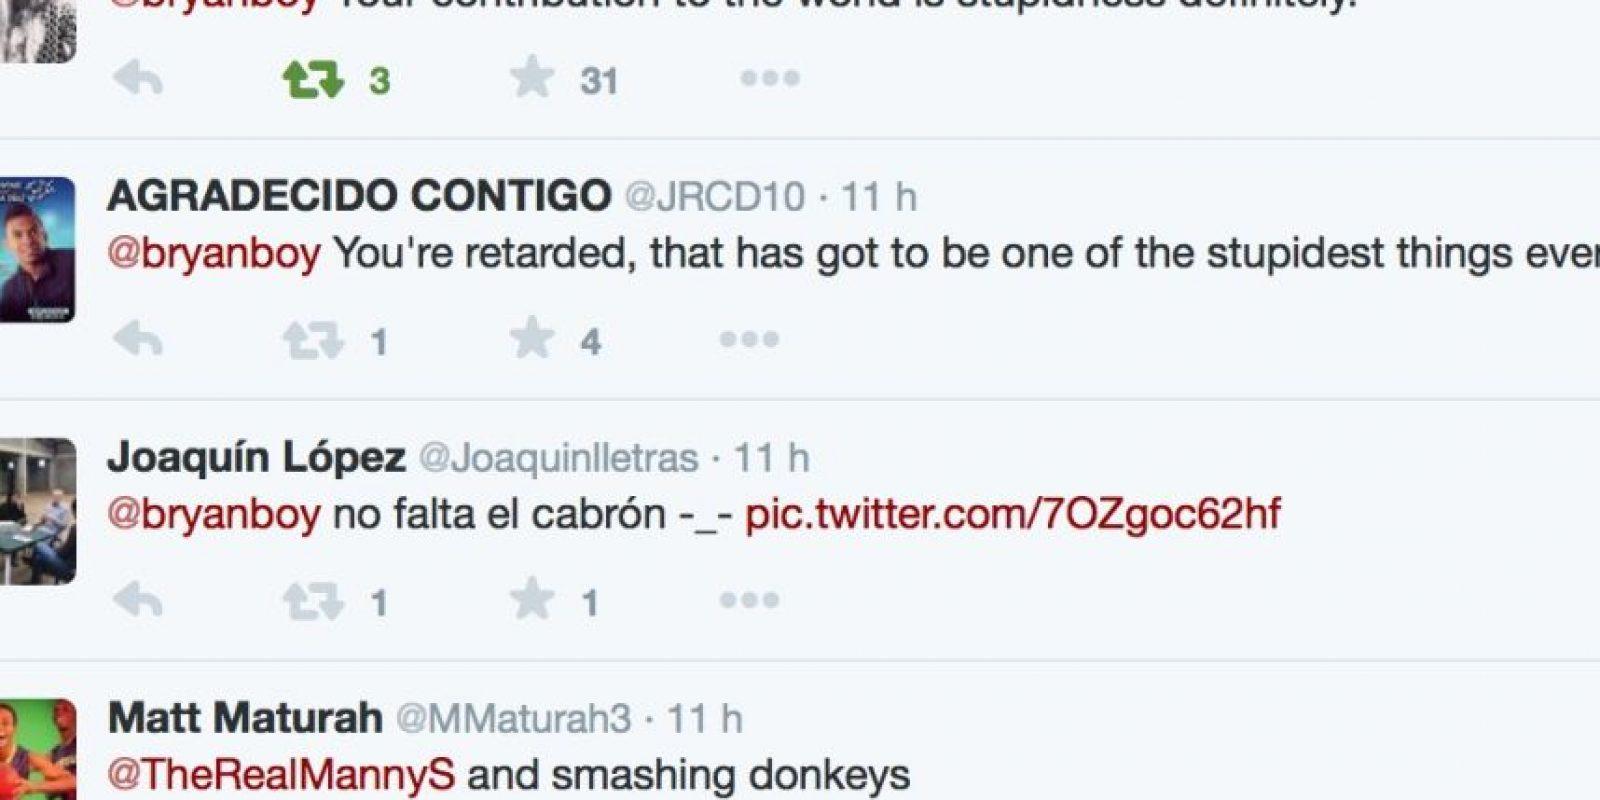 Colombianos y no colombianos comenzaron a trollearlo Foto:Twitter